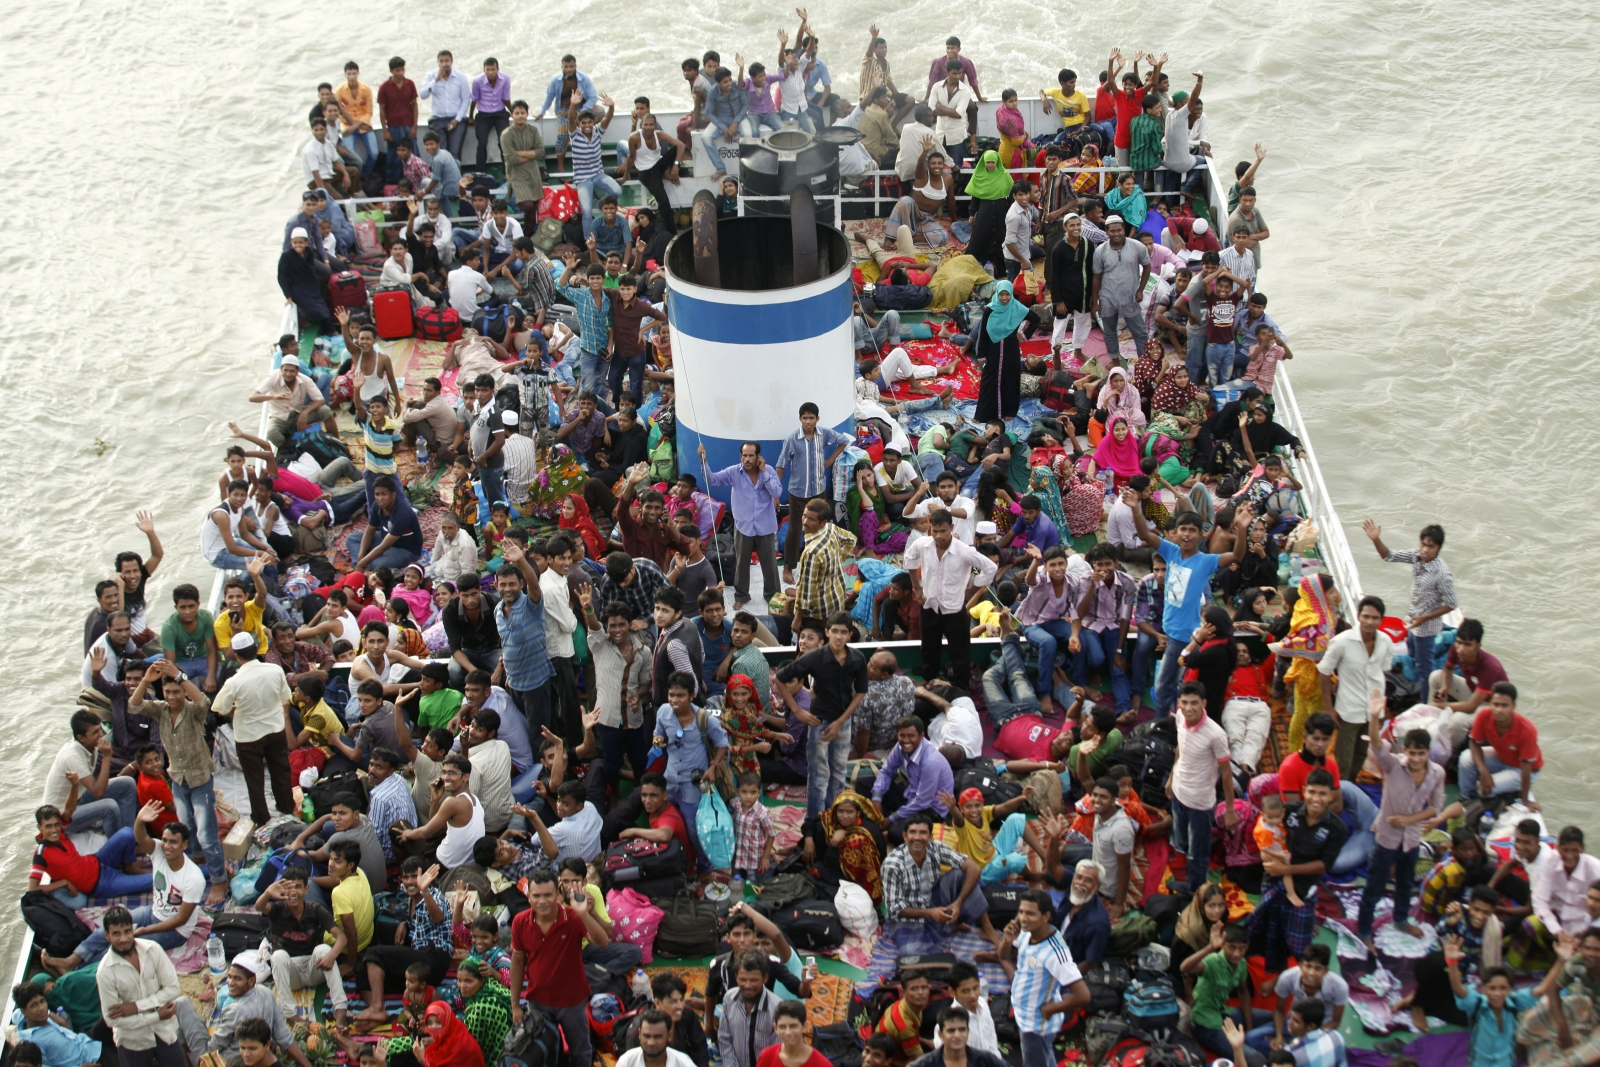 Bangladesh boat capsize tragedy